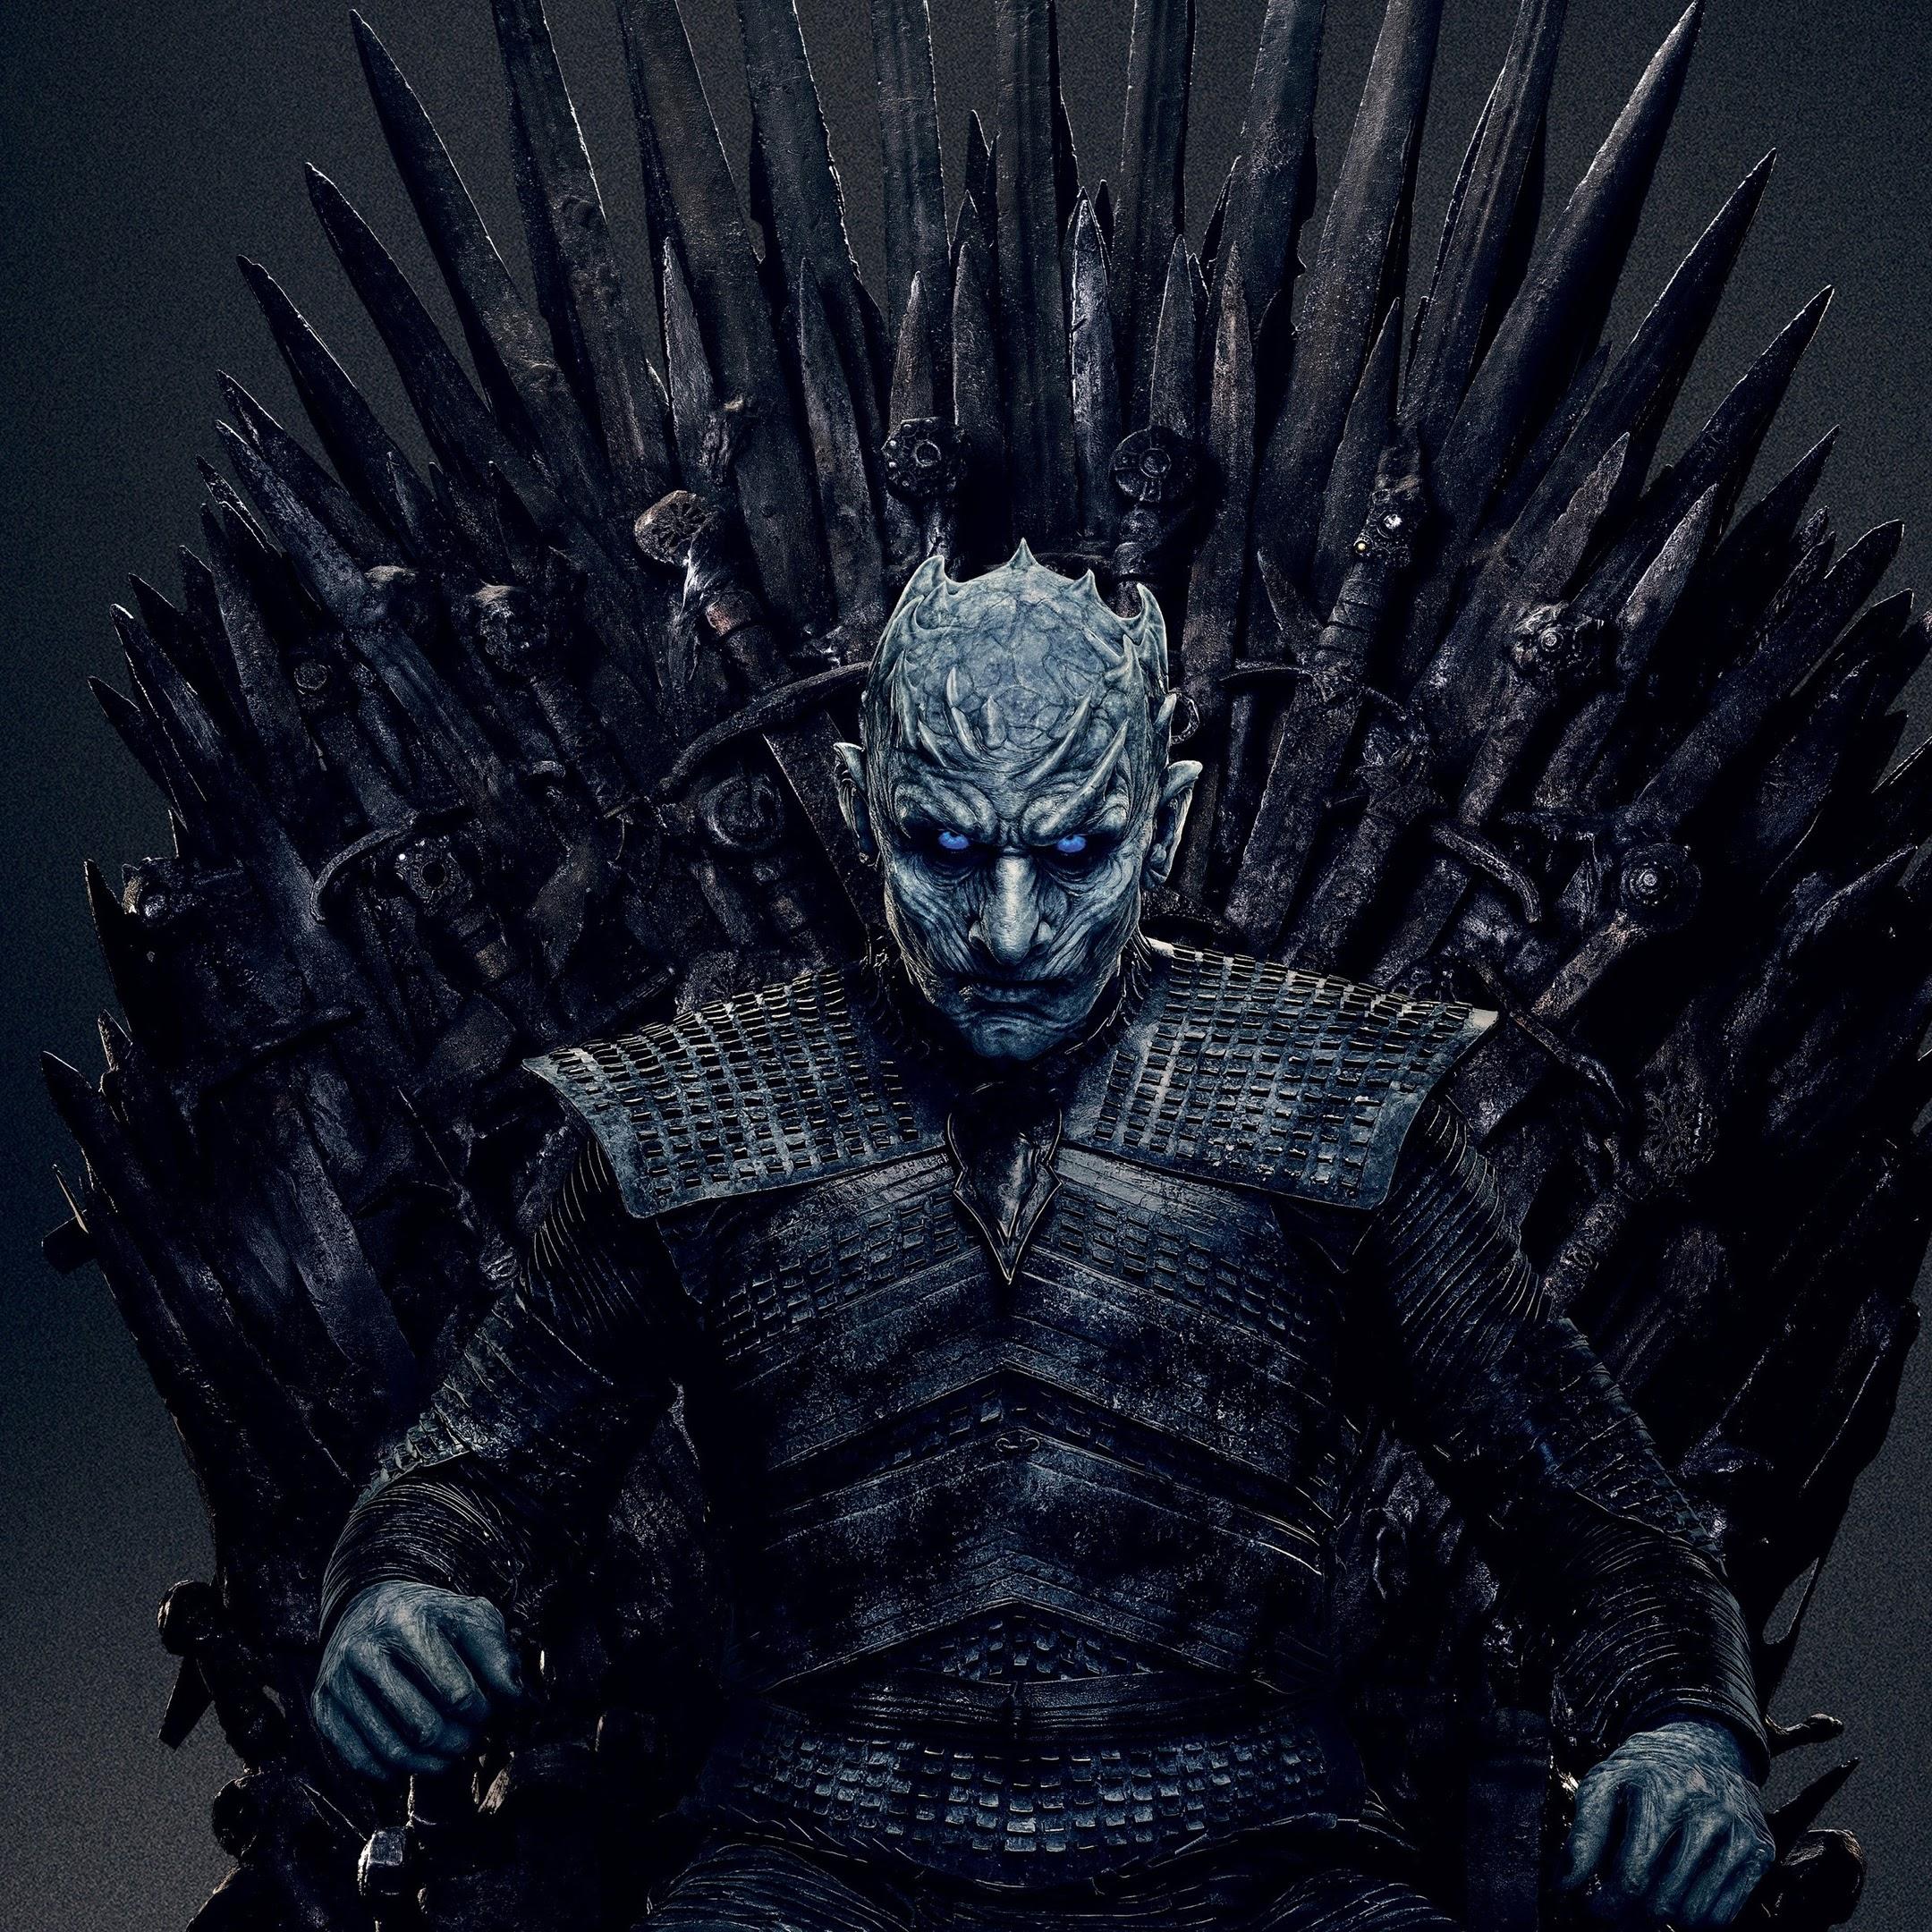 Night King, Game Of Thrones, Season 8, 4K, #65 Wallpaper